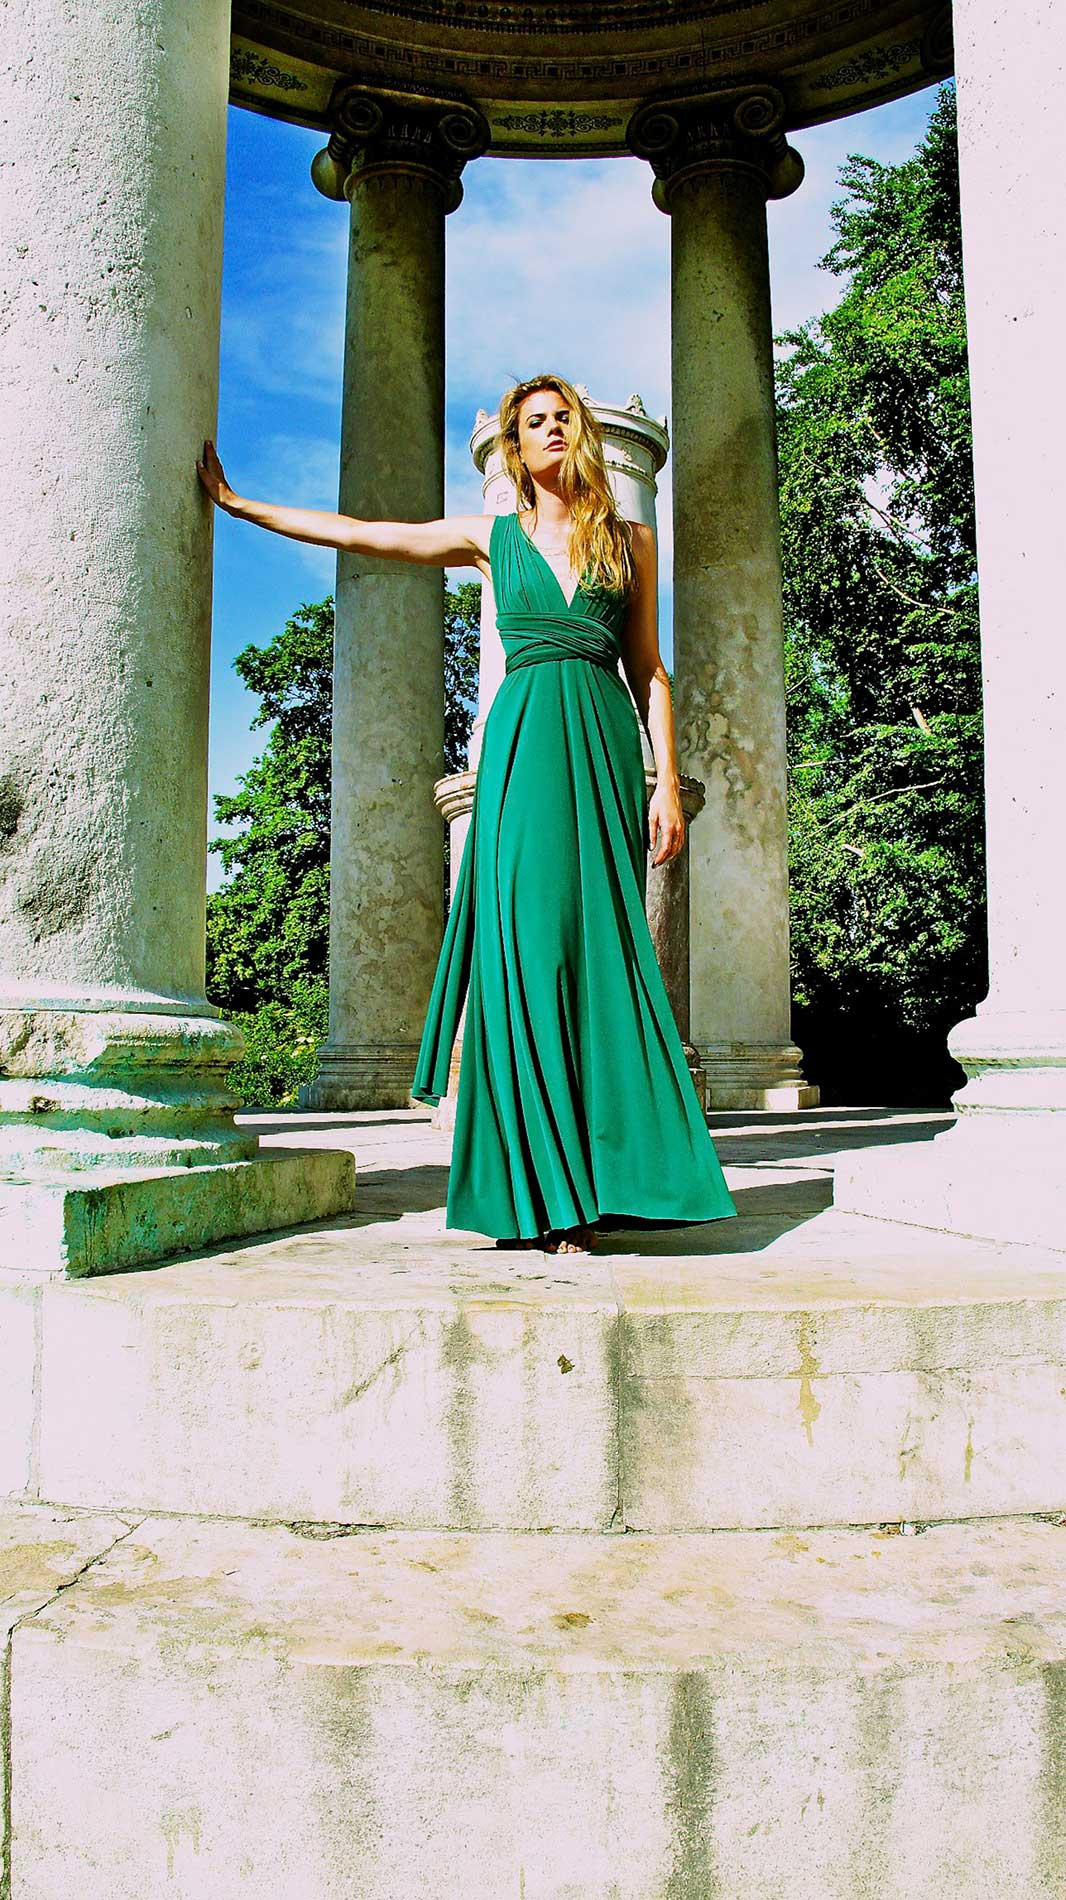 Designer Genial Abendkleid München DesignAbend Genial Abendkleid München Design